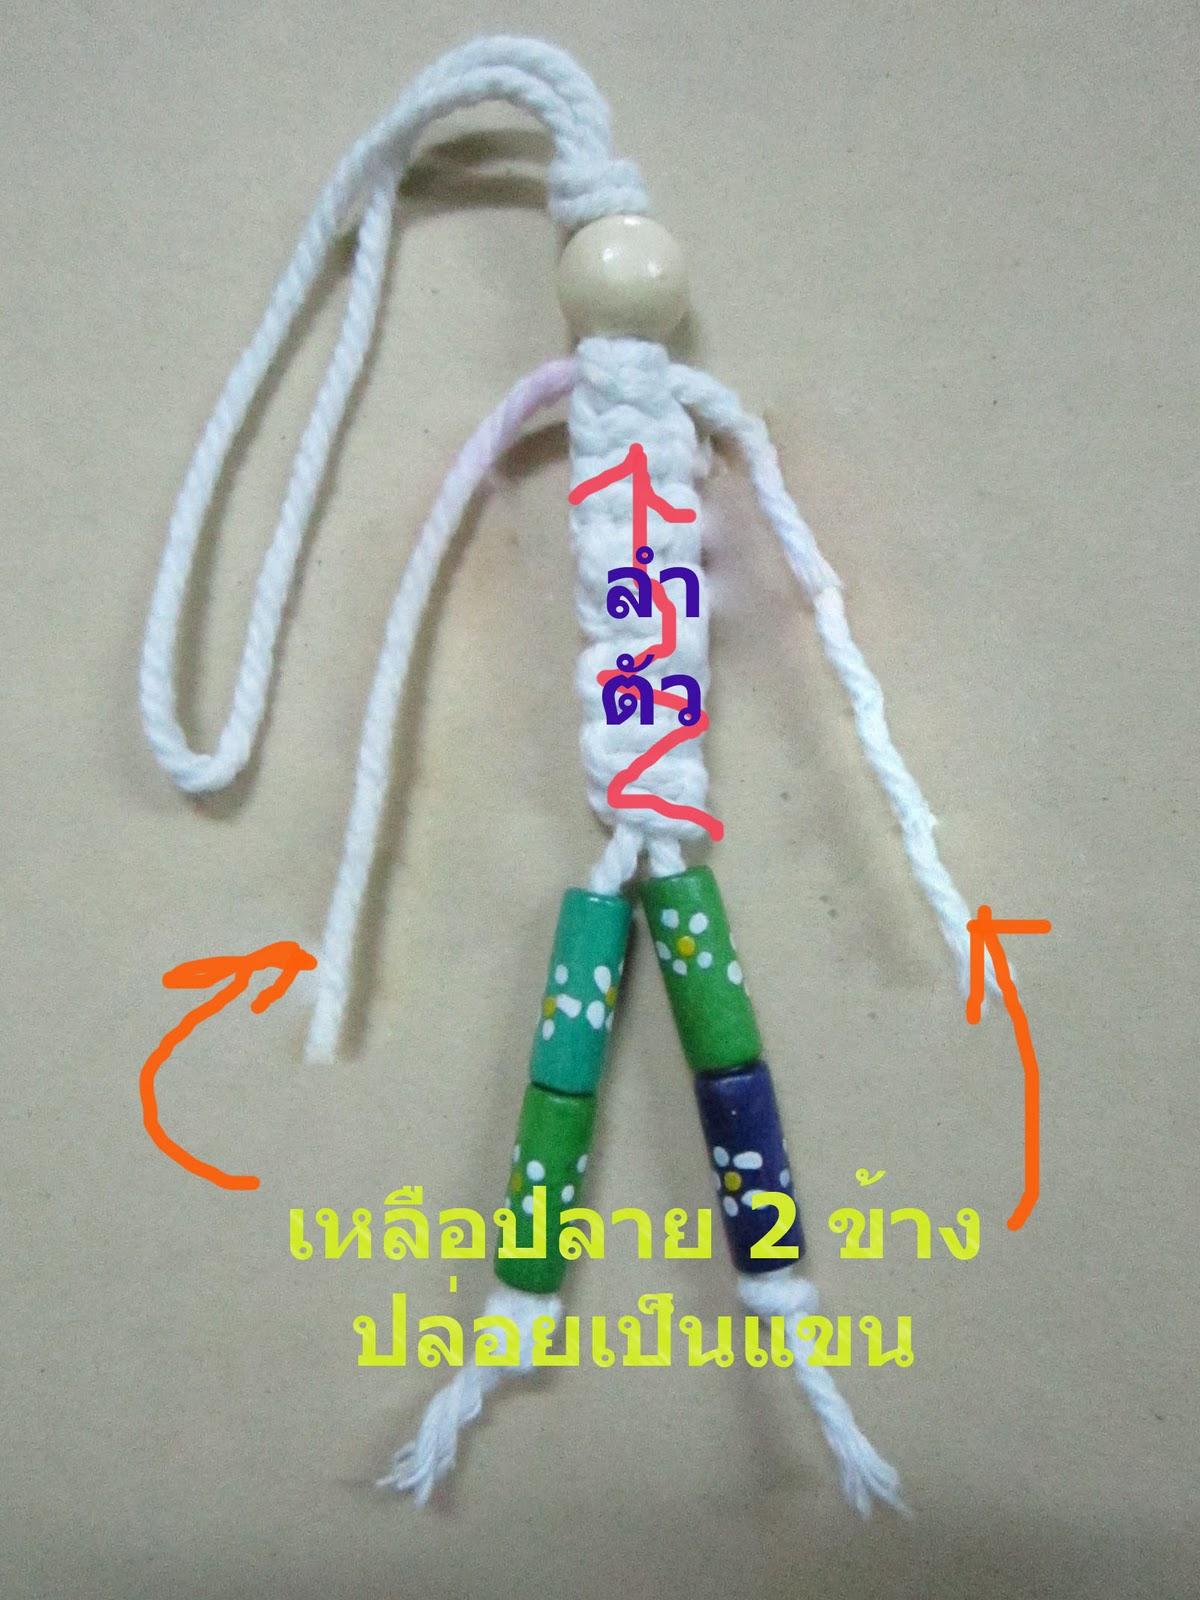 วิธีทำพวงกุญแจเมคราเม่ เชือกถัก พวงกุญแจทำเอง ที่ห้อยมือถือทำเองง่าย how to mecrame  simple doll  la forma de muñeca mecrame fácil para los niños, niño chico mecrame    どのように子供、子供mecrameの子供のための簡単なmecrame人形へ    কিভাবে সহজ শিশু, শিশু mecrame ছাগলছানা জন্য mecrame পুতুল     如何容易mecrame娃娃儿童,儿童mecrame孩子的    bagaimana untuk patung mecrame mudah untuk kanak-kanak, mecrame kanak-kanak kanak-kanak    как легко mecrame куклы для детей, ребенок ребенку mecrame     comment poupée mecrame facile pour les enfants enfant, d'enfant mecrame